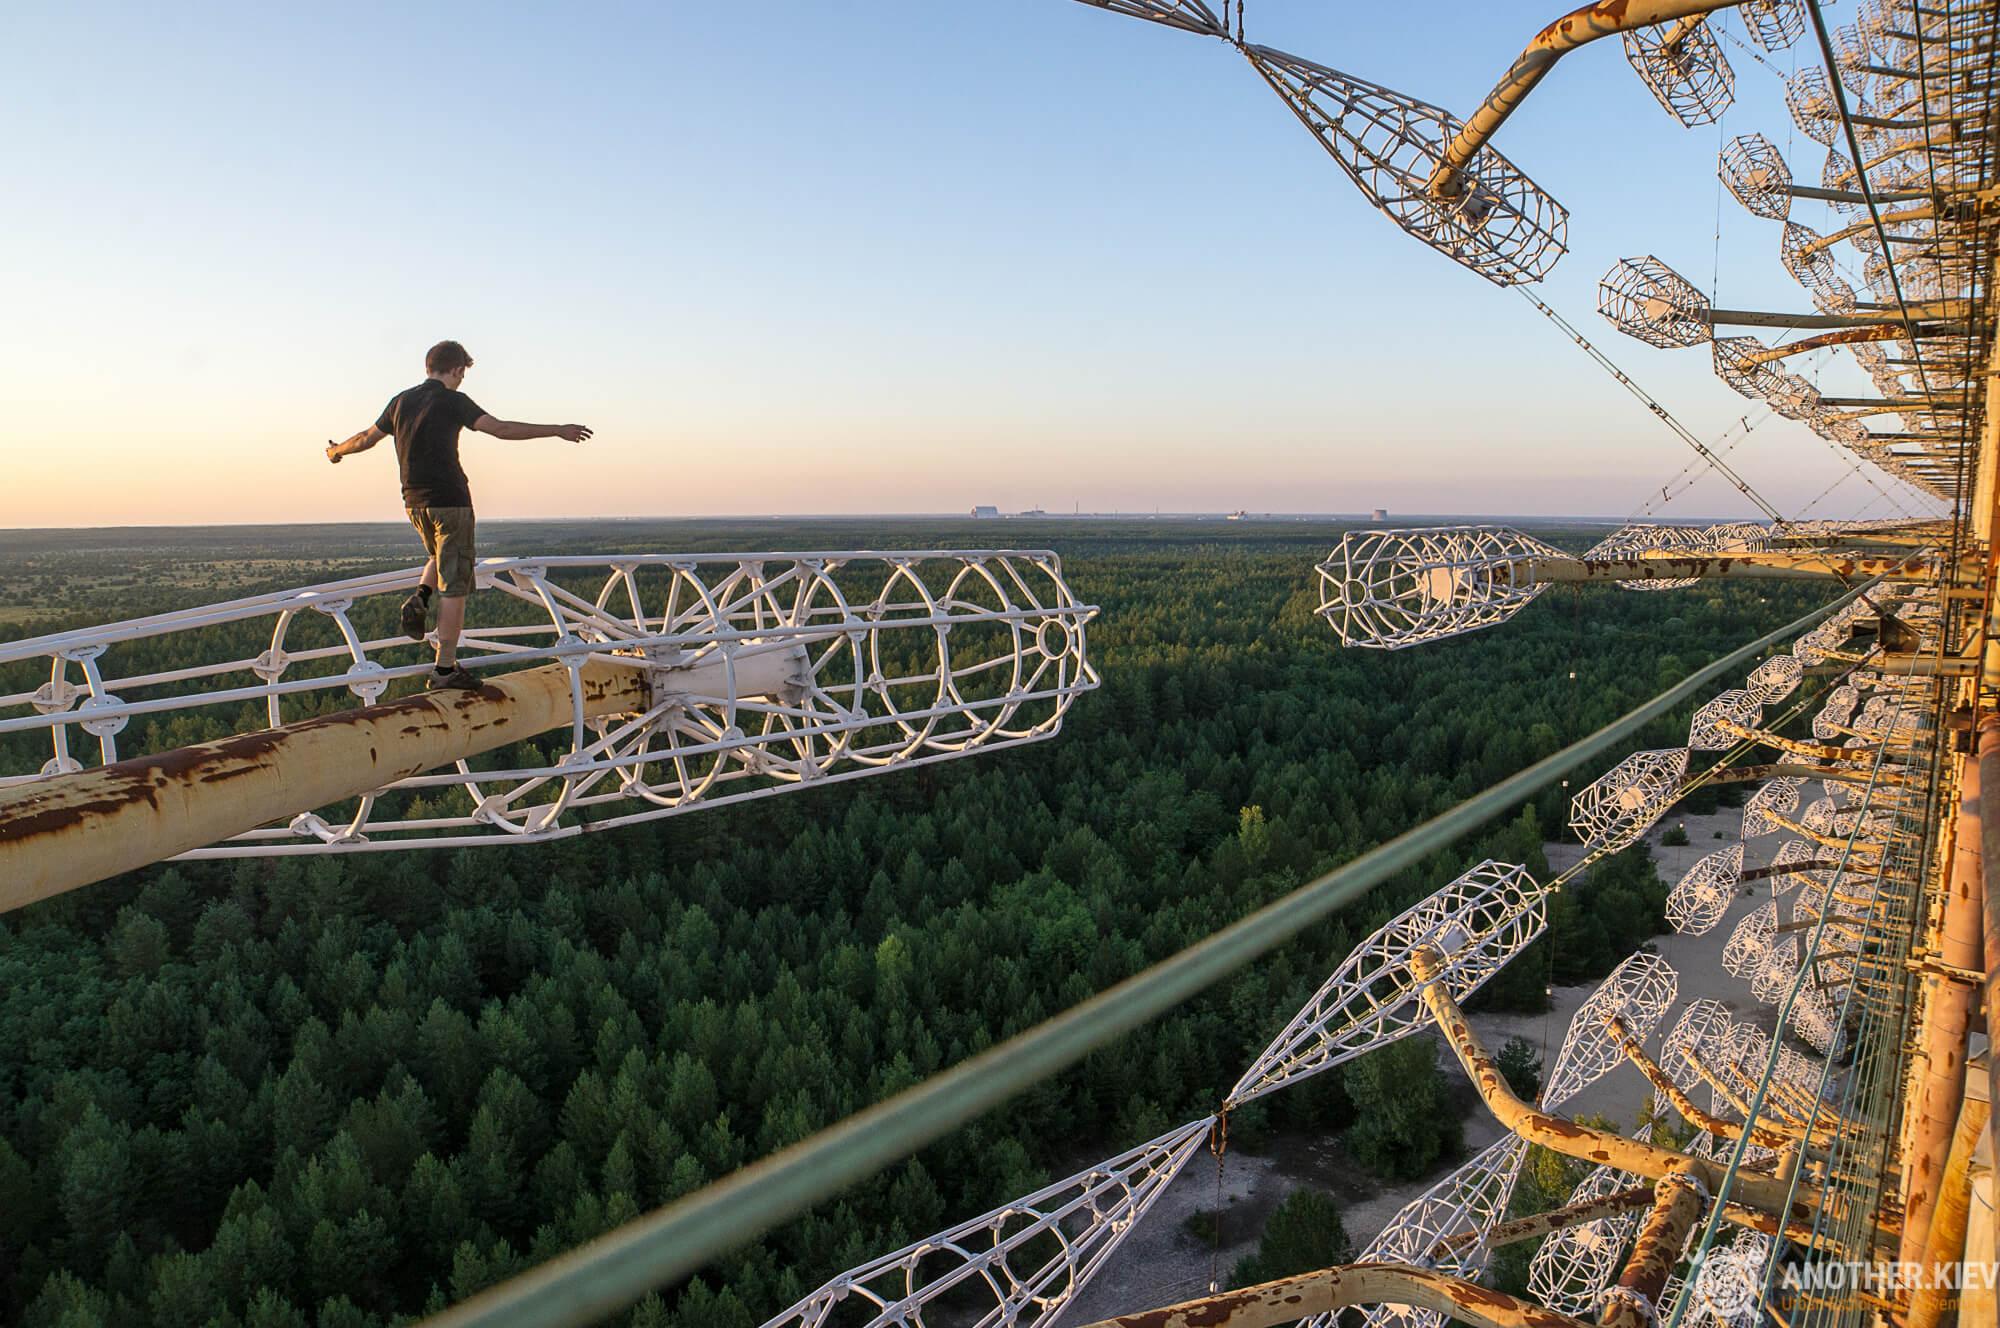 stalker-tour_IGP1409 CHERNOBYL EXPLORATION TOUR